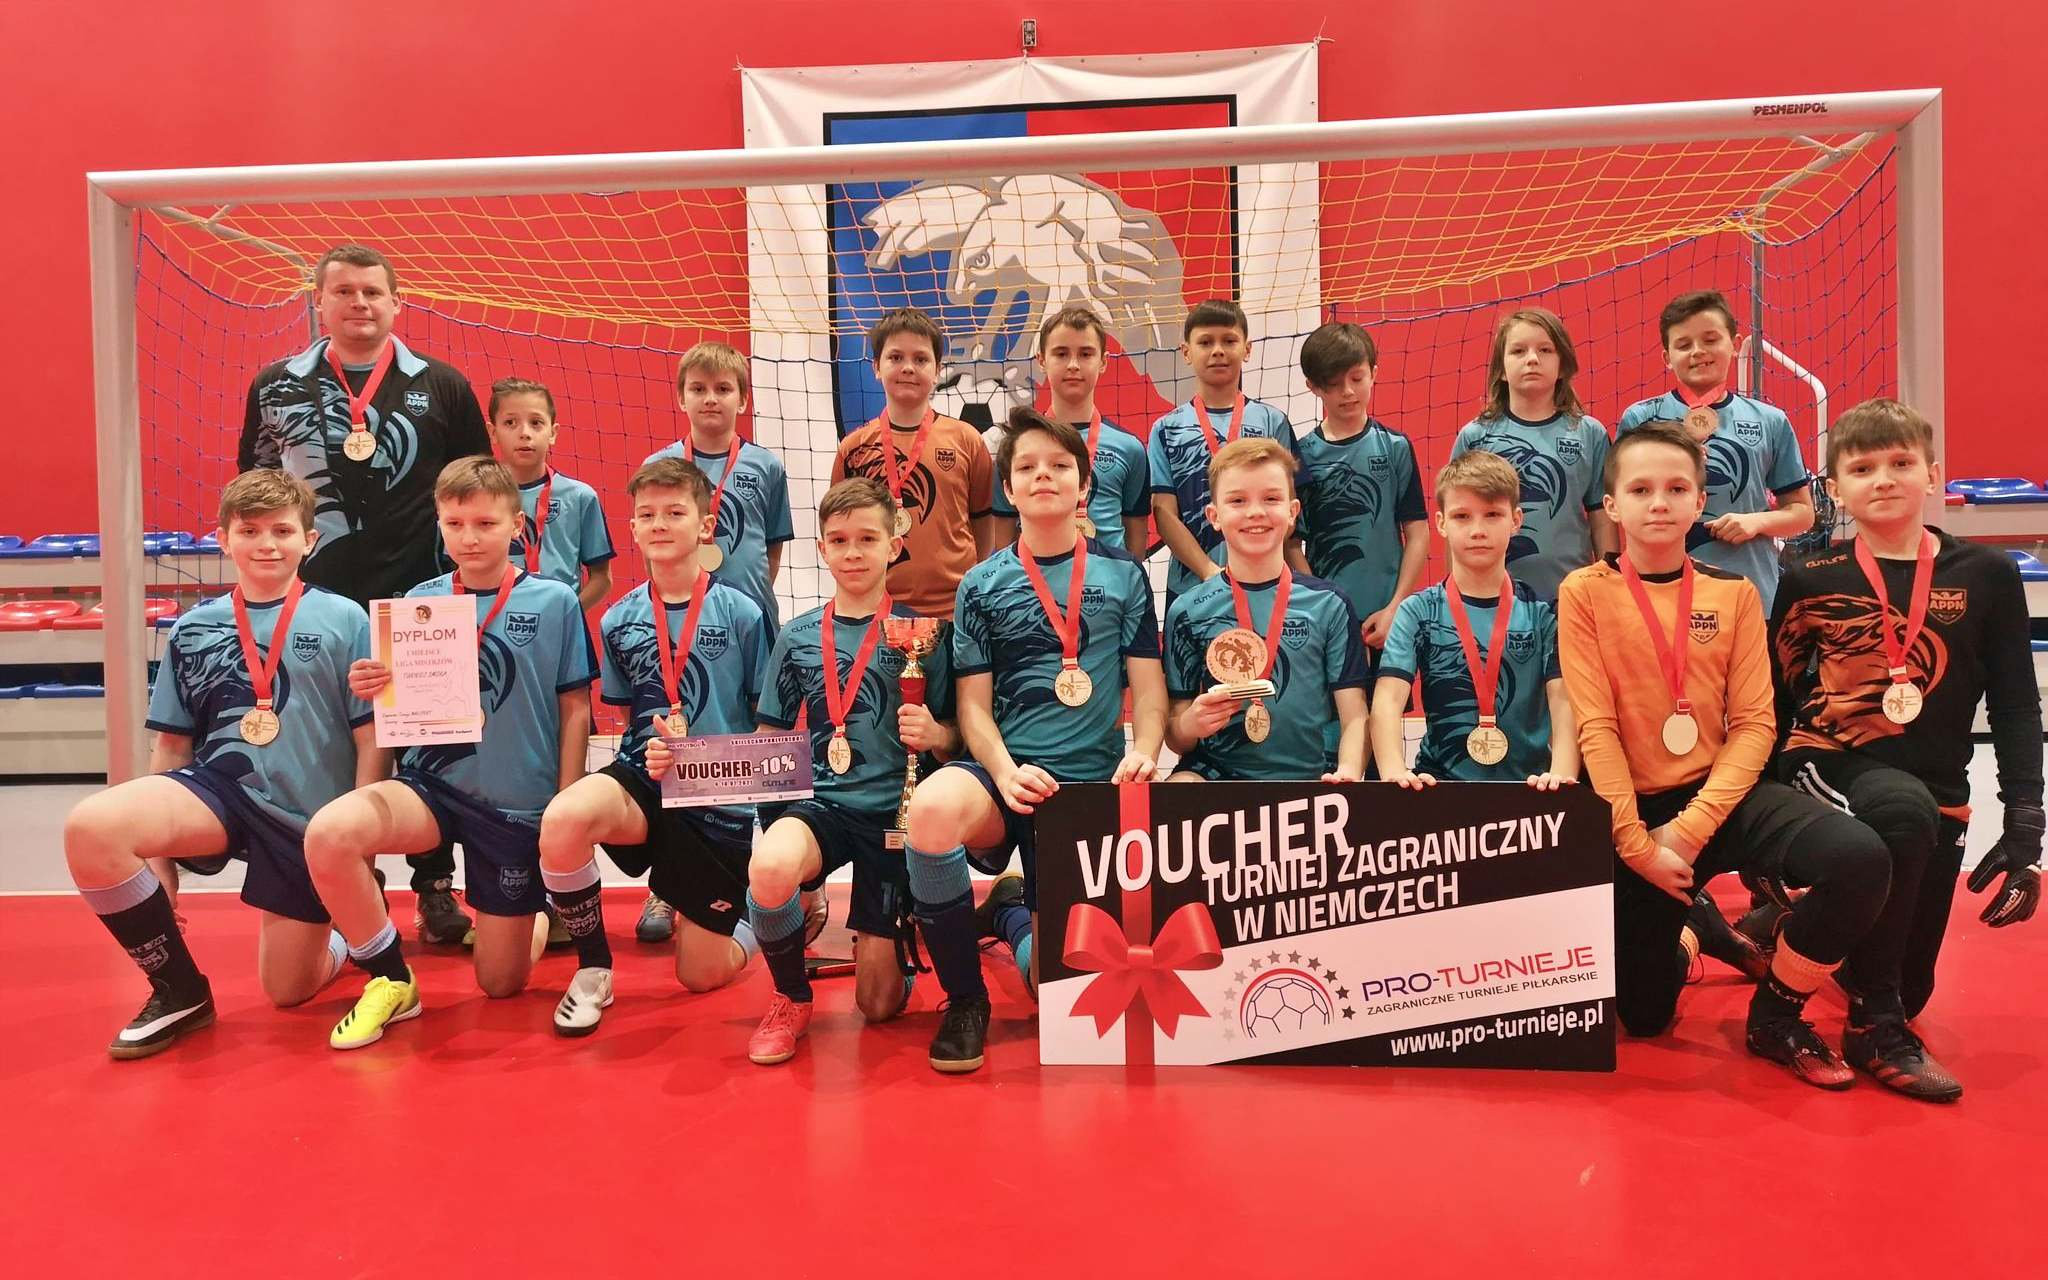 Piłkarskie Nadzieje wygrywają turniej i wyjazd do Niemiec - Zdjęcie główne